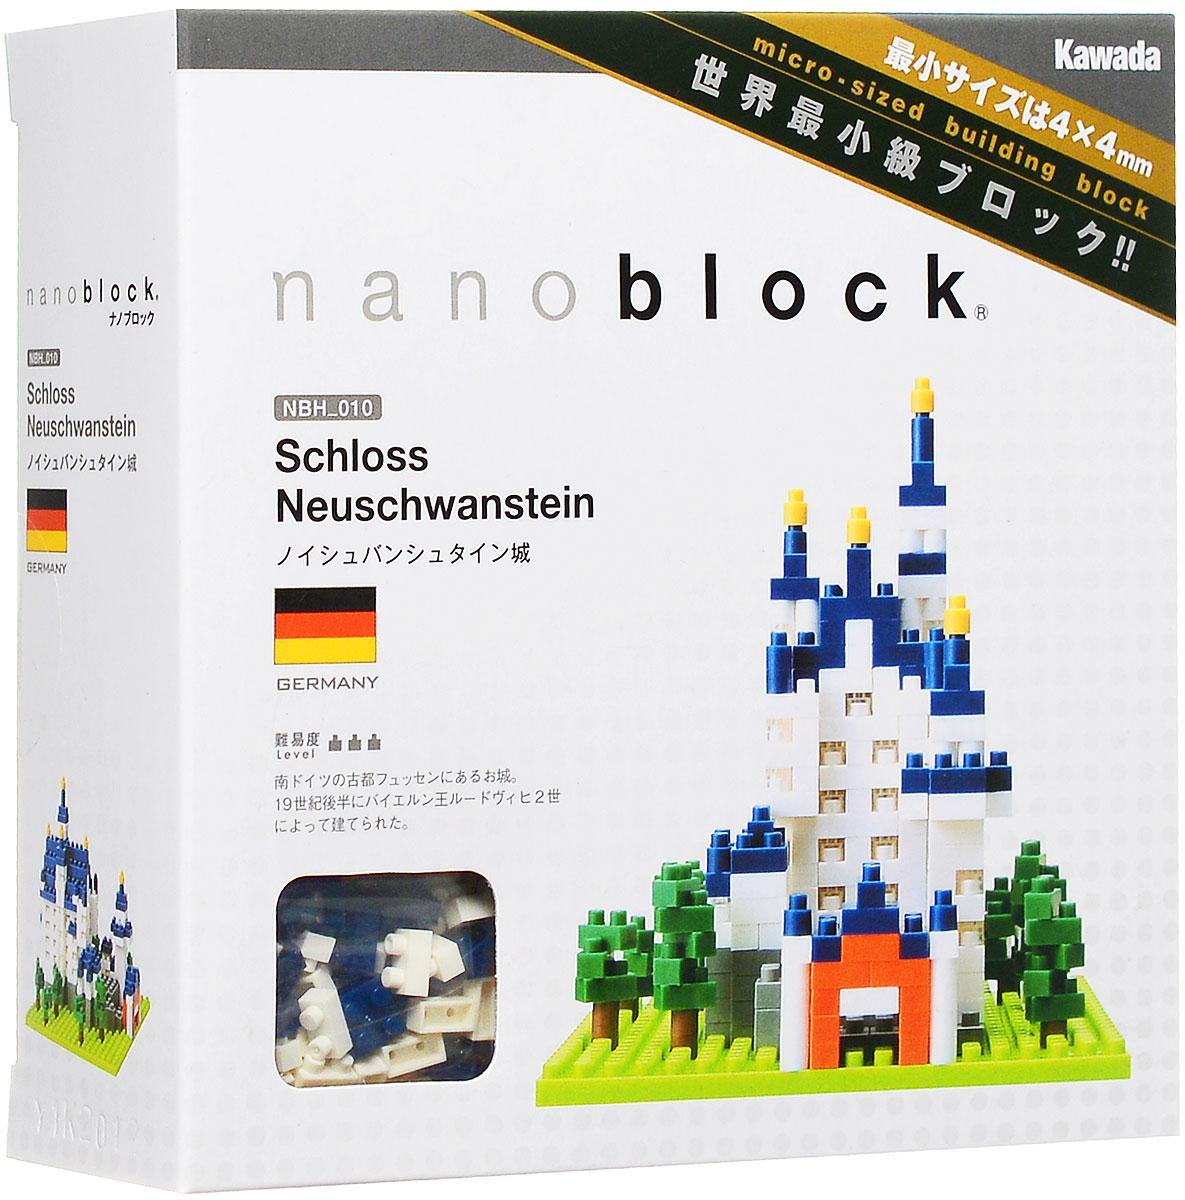 NanoBlock Мини-конструктор Замок НойшванштайнNBH_010Мини-конструктор Замок Нойшванштайн - увлекательнейший способ времяпрепровождения и уникальная возможность собрать целую коллекцию нано-моделей реальных знаменитых архитектурных объектов. Набор включает подставку, более 550 разноцветных пластиковых мини-элементов (в том числе запасные) и графическую инструкцию-схему сборки. Детали конструктора позволят собрать уменьшенную копию самого великолепного в мире замка Нойшванштайн. Подобно средневековым строителям, вы построите замок кирпичик за кирпичиком, начав с самого низа, затем этажи, окна, крыша и наконец закончите стройку установкой самых верхних башень. Замок Нойшванштайн — романтический замок баварского короля Людвига II около городка Фюссен и замка Хоэншвангау в юго-западной Баварии, недалеко от австрийской границы. Одно из самых популярных среди туристов мест на юге Германии. Конструктор nanoBlock - самый маленький в мире конструктор, крайне необычный, как все японское. Высокоточные трехмерные модели из...